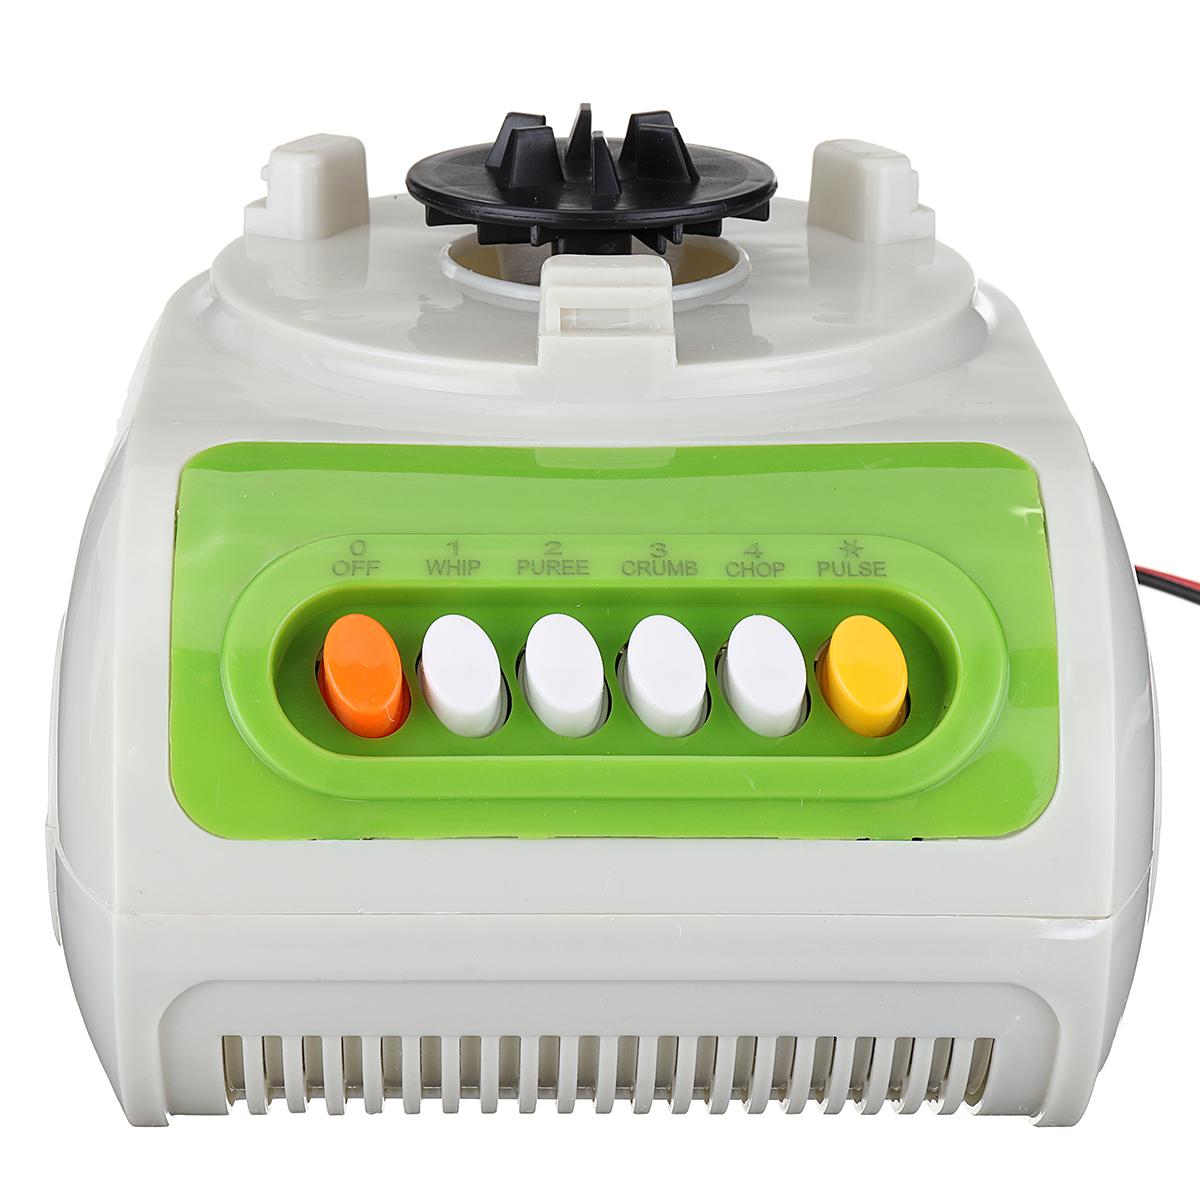 c9ad24444 dc12v blender juicer mixer juice maker with mill jar coffee grinder ...